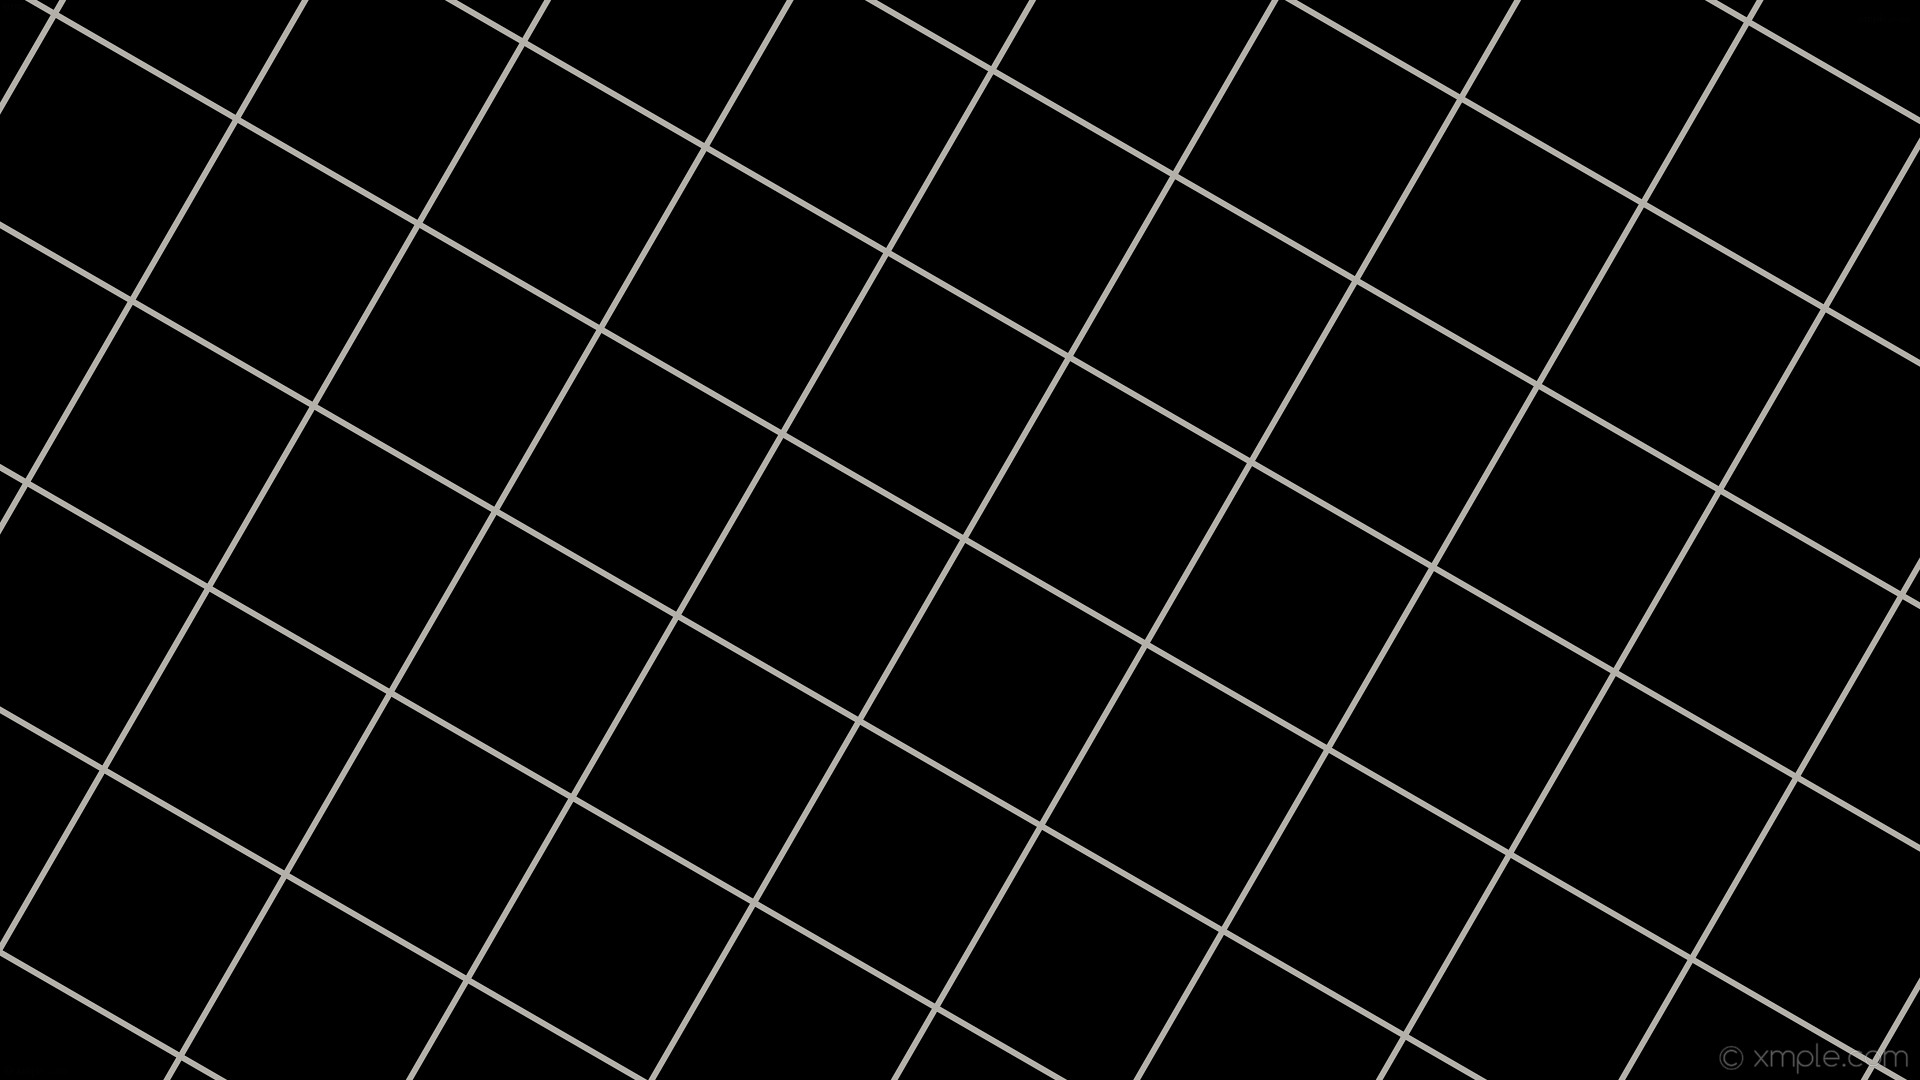 wallpaper black white graph paper grid floral white #000000 #fffaf0 60° 6px  210px